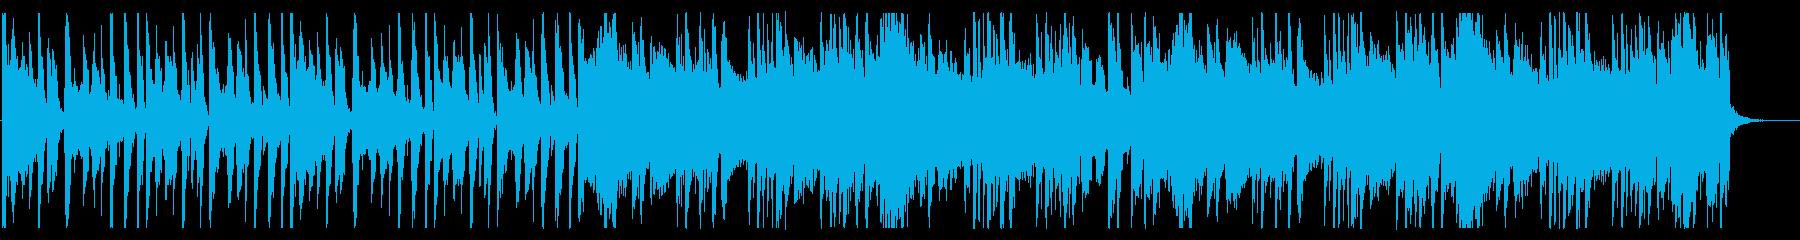 浮遊感が溢れるBGM_No580_3の再生済みの波形